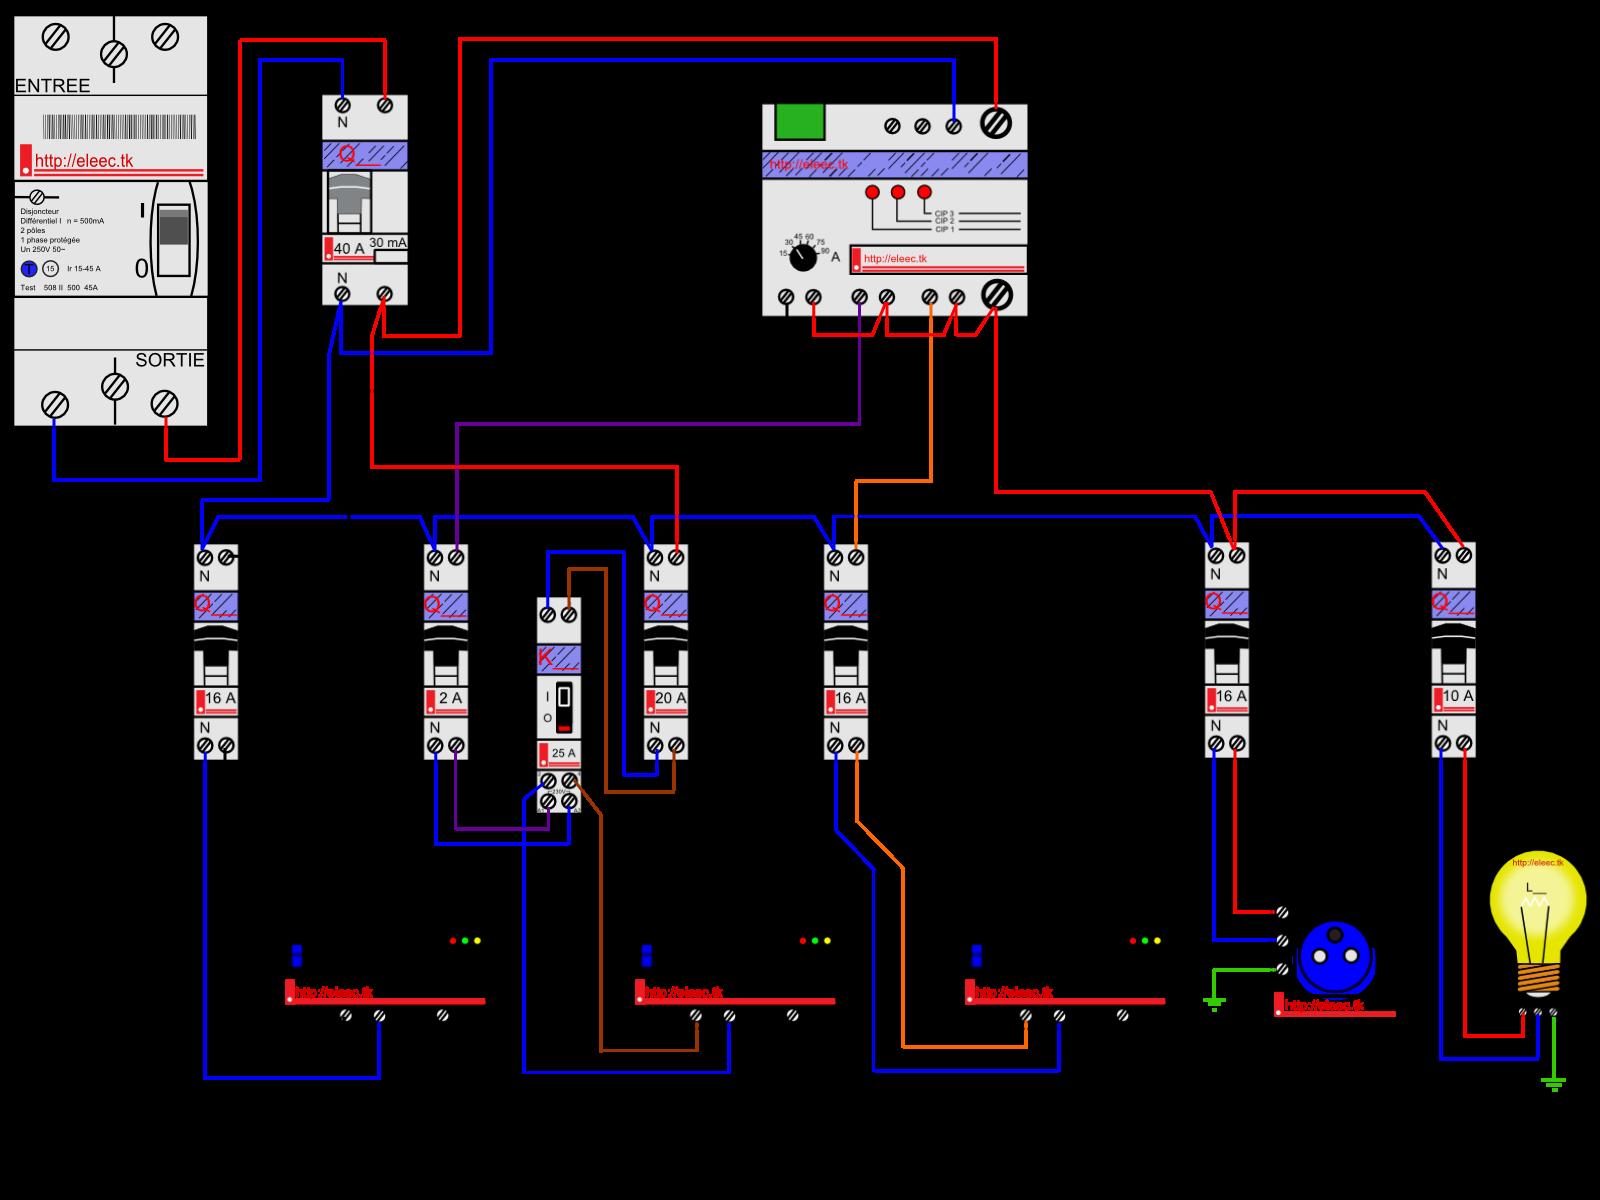 Logiciel legrand schema electrique